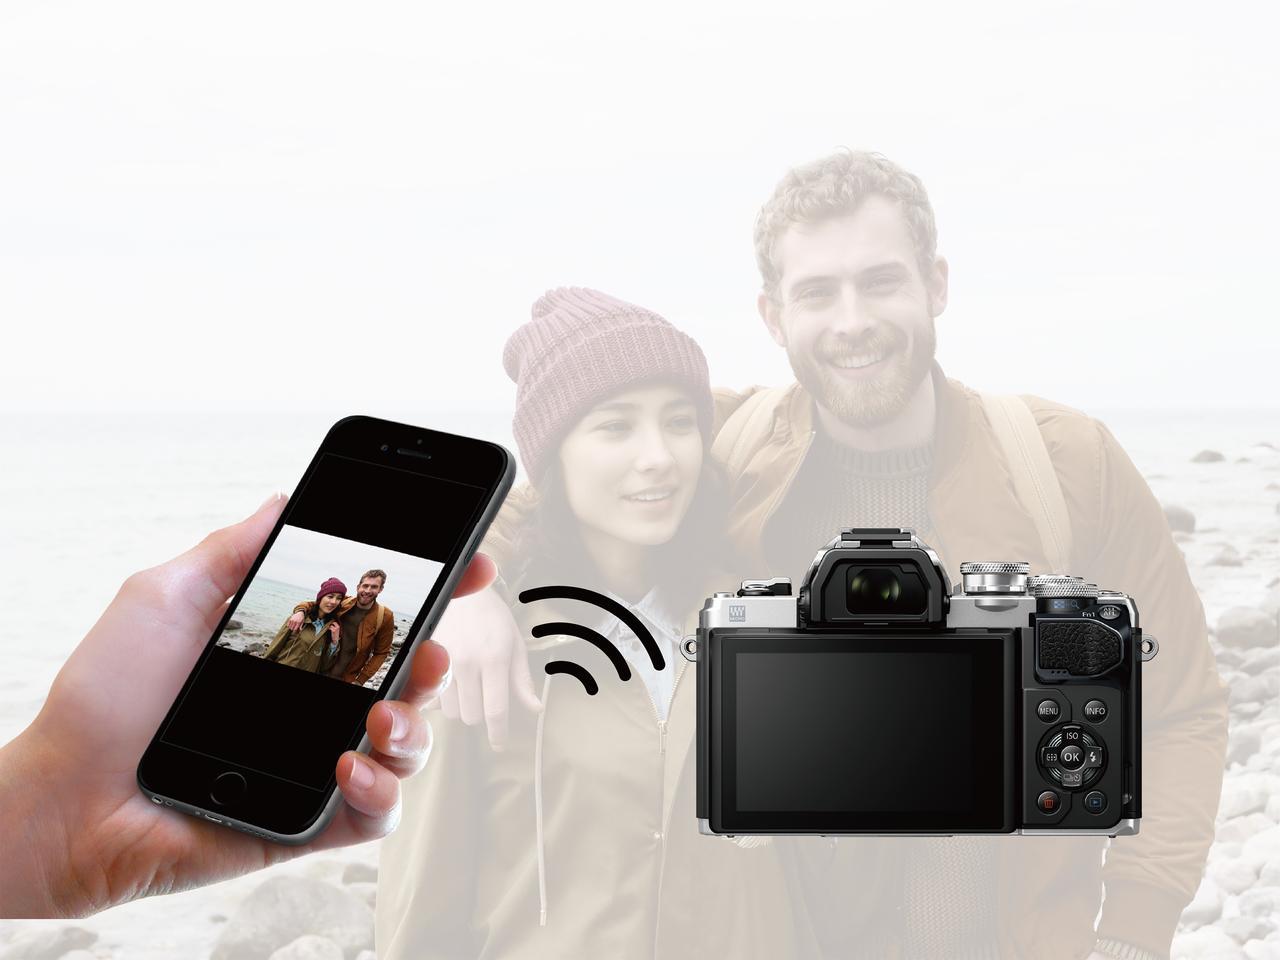 画像: ▲簡単な設定で撮影した画像をすぐにスマホへ転送、そしてSNSなどへアップできるのは便利だ。 www.olympus-imaging.jp